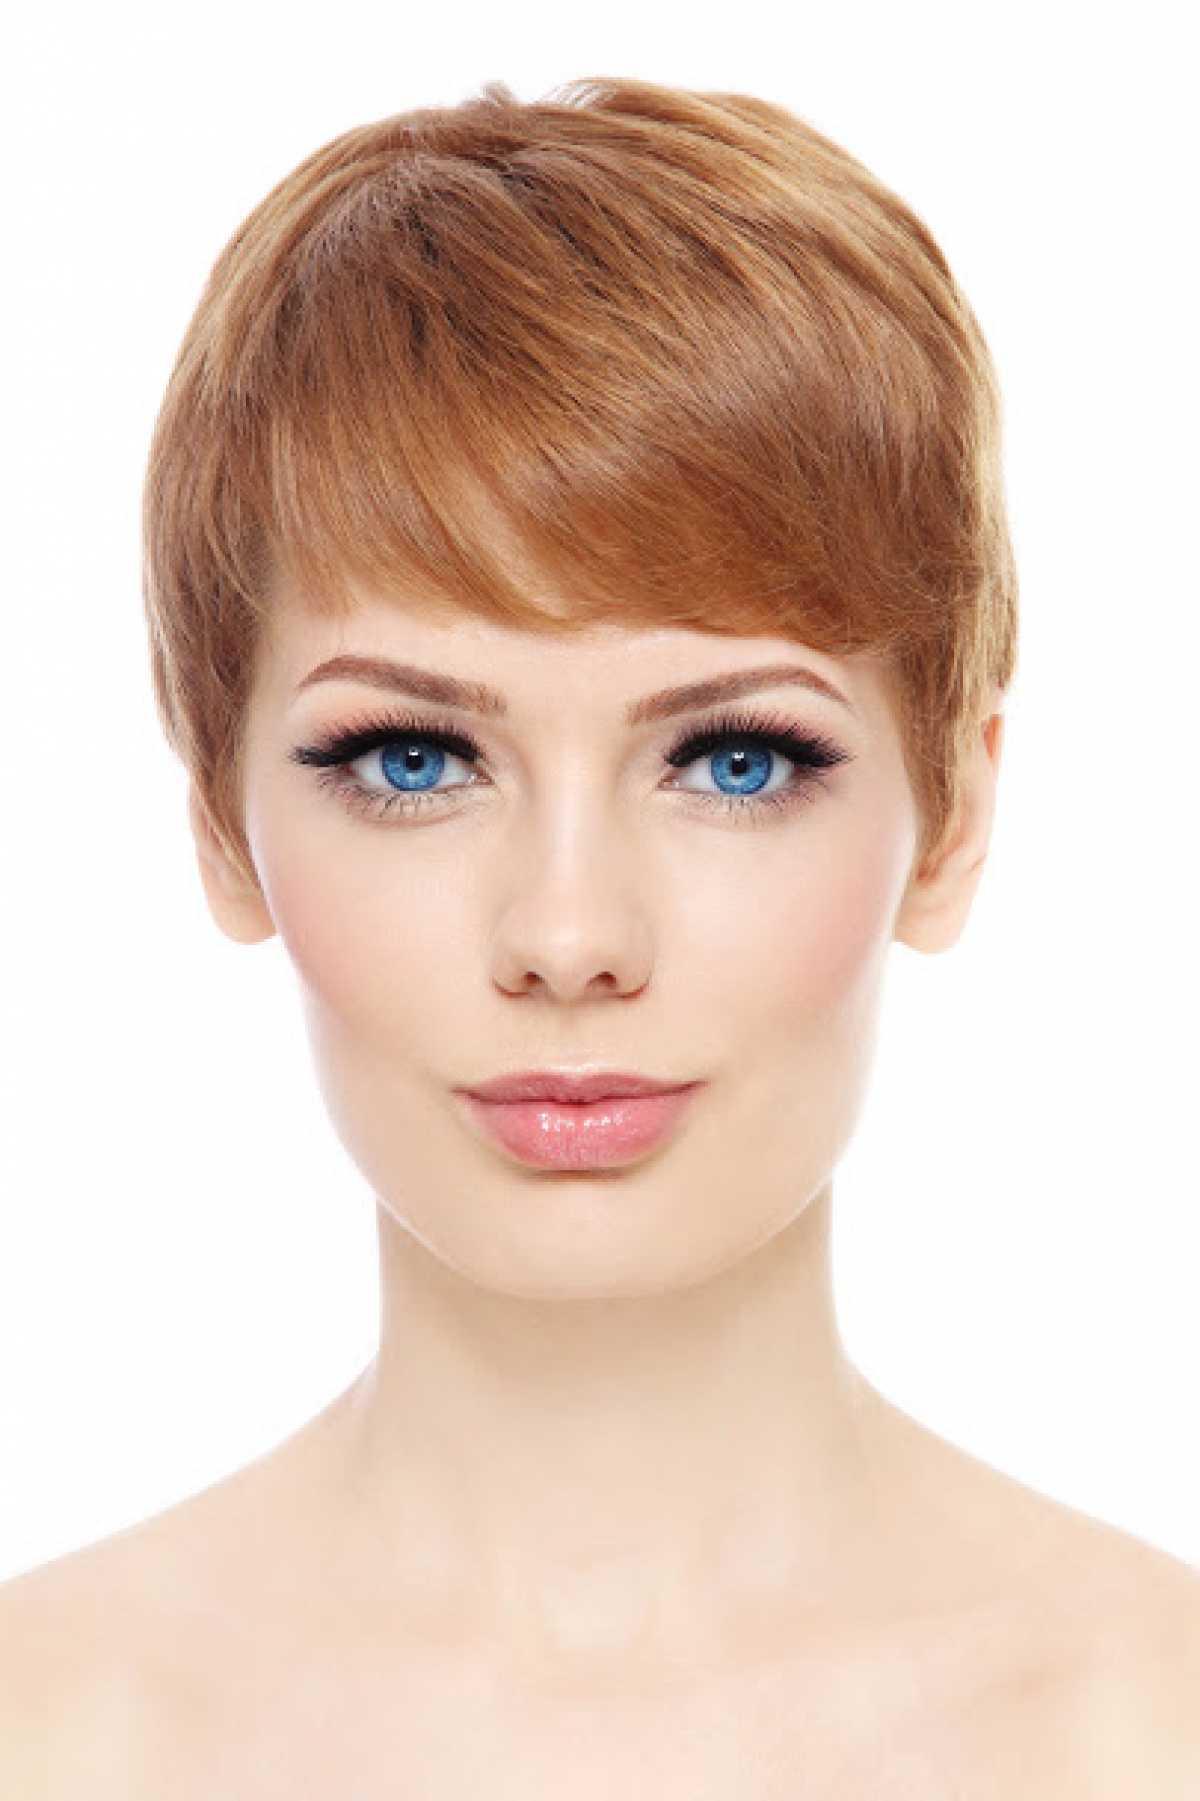 Mulher bonita de olhos azuis com visual moderno e fios curtíssimos